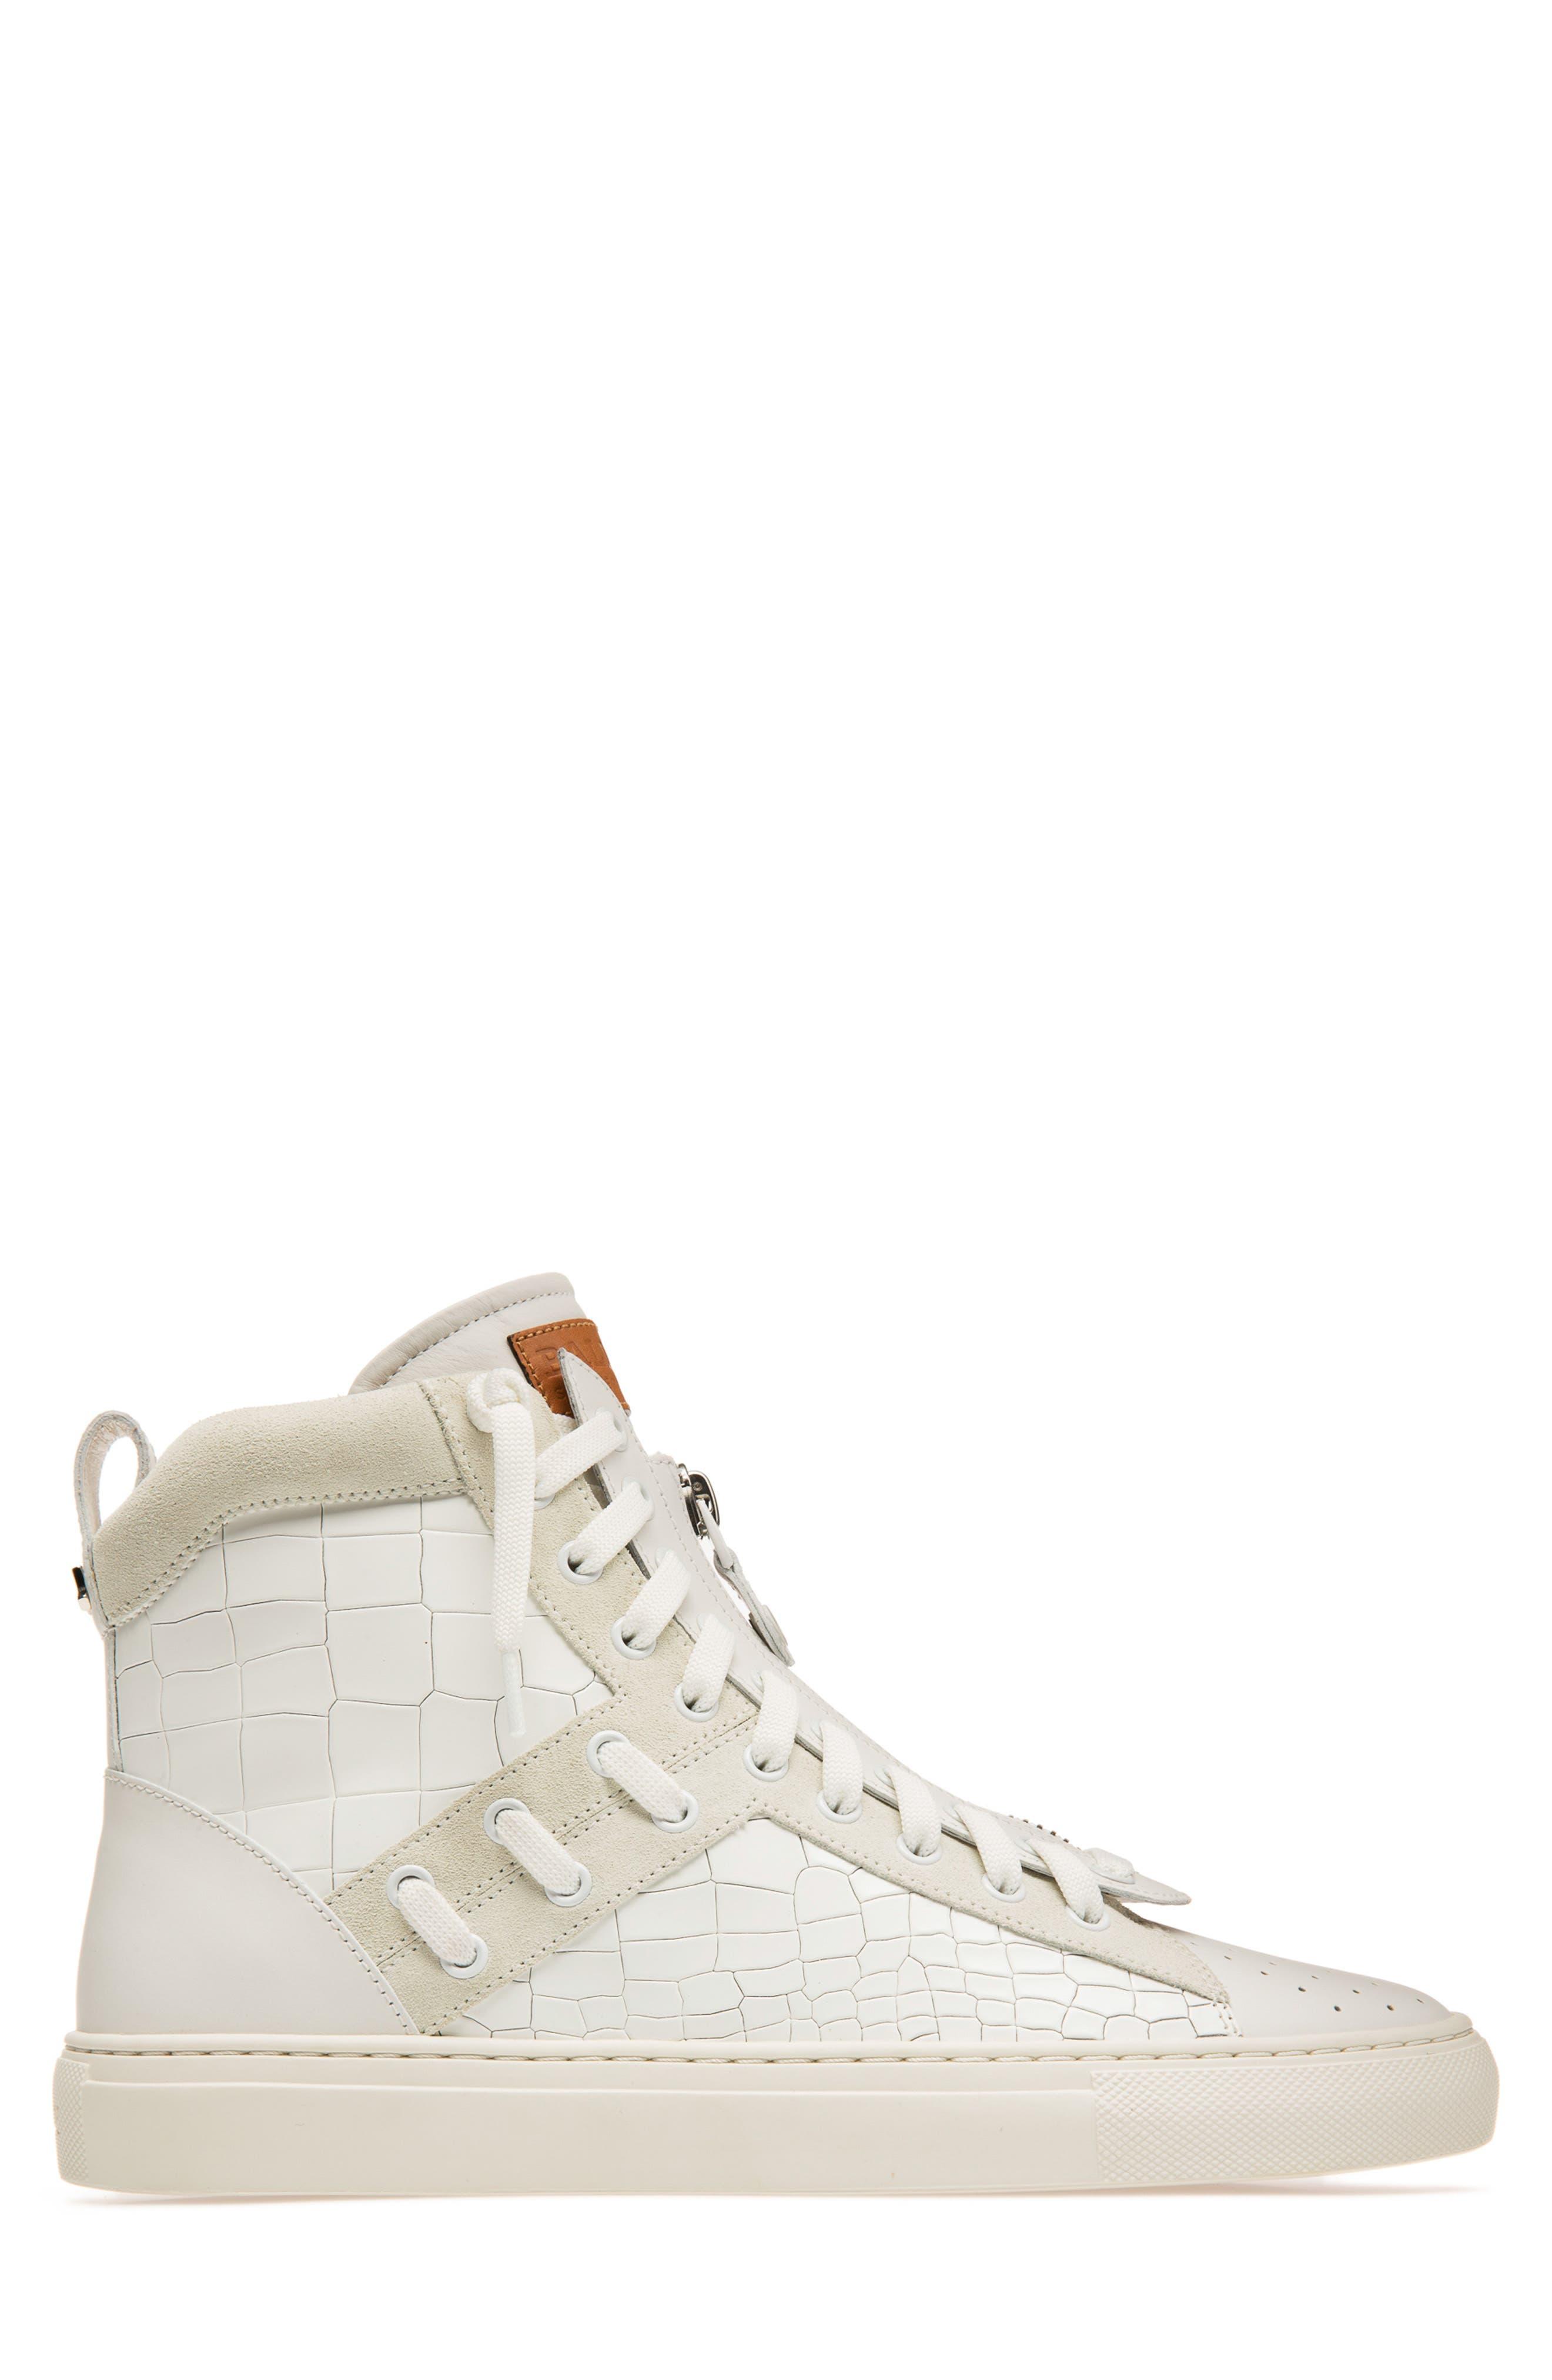 BALLY   Hekem High Top Sneaker